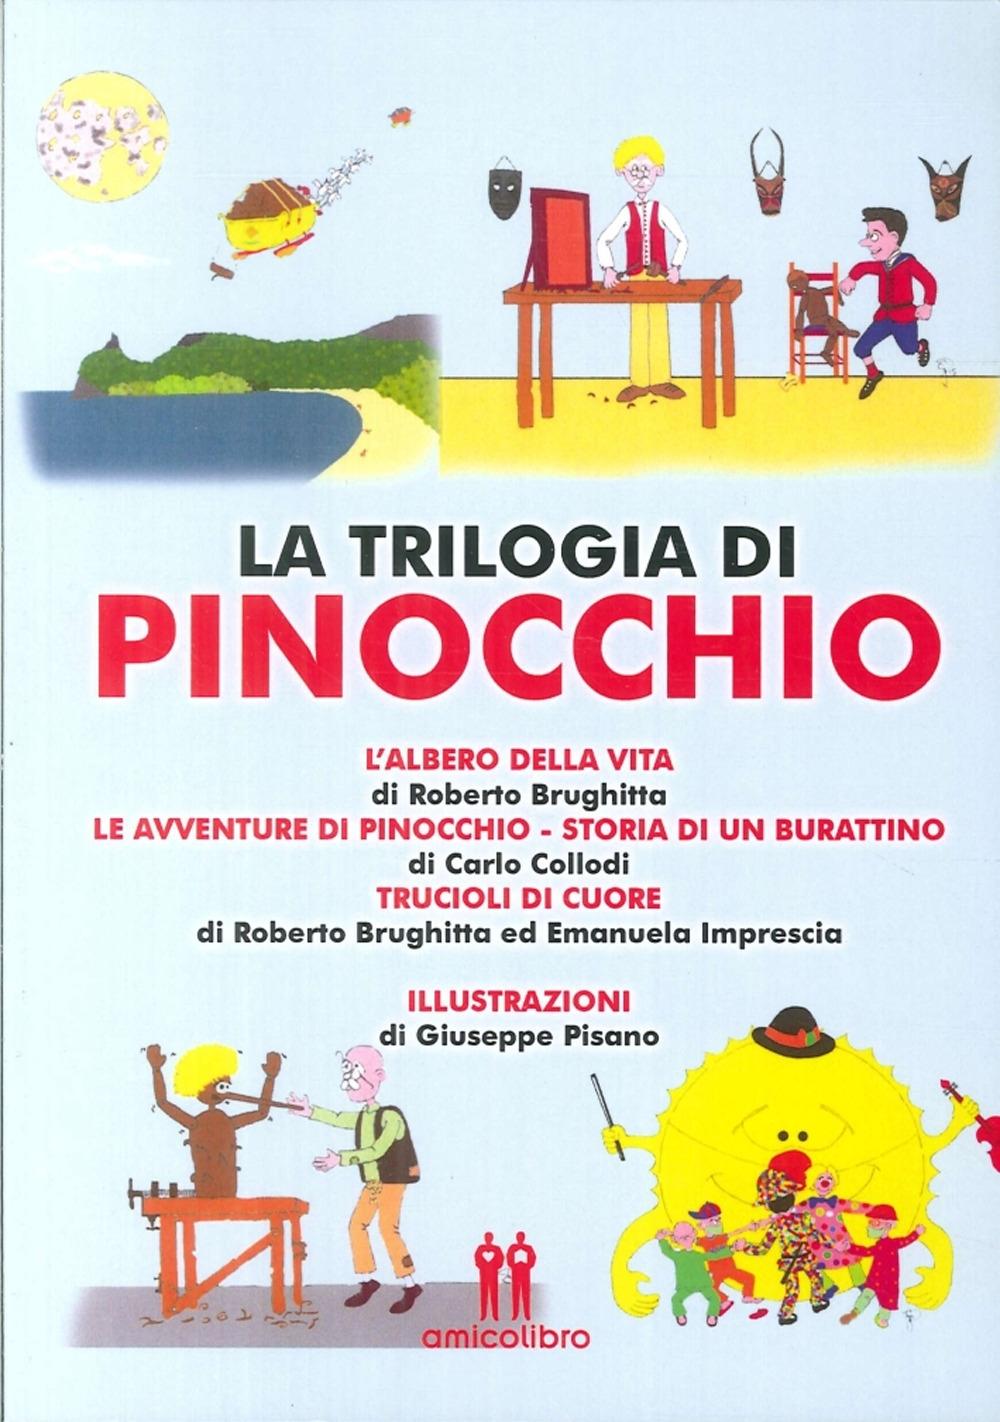 La Trilogia di Pinocchio. L'Albero della Vita, le Avventure di Pinocchio, Trucioli di Cuore.